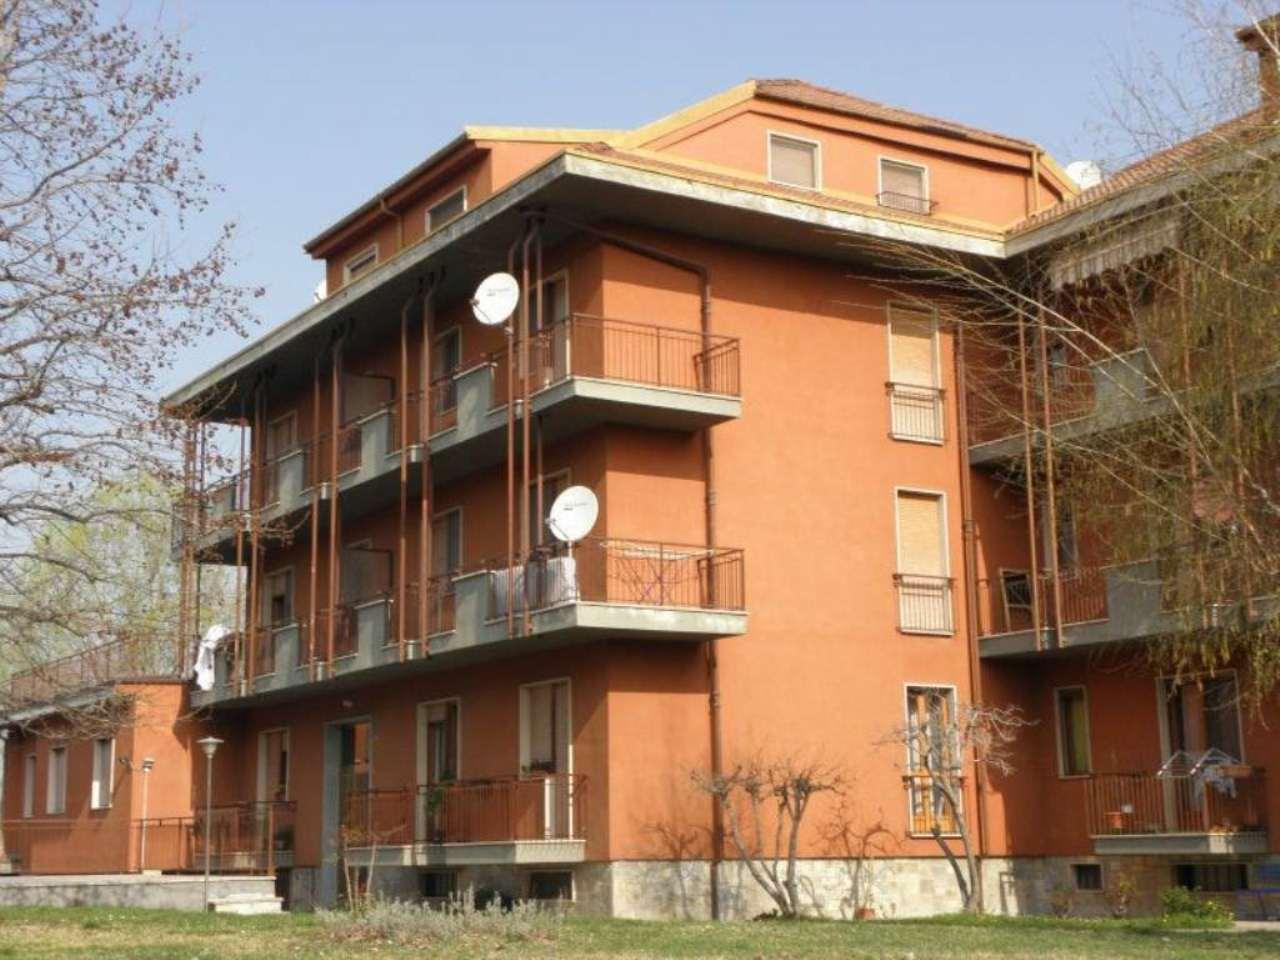 Appartamento in vendita a Centallo, 3 locali, prezzo € 75.000 | Cambio Casa.it